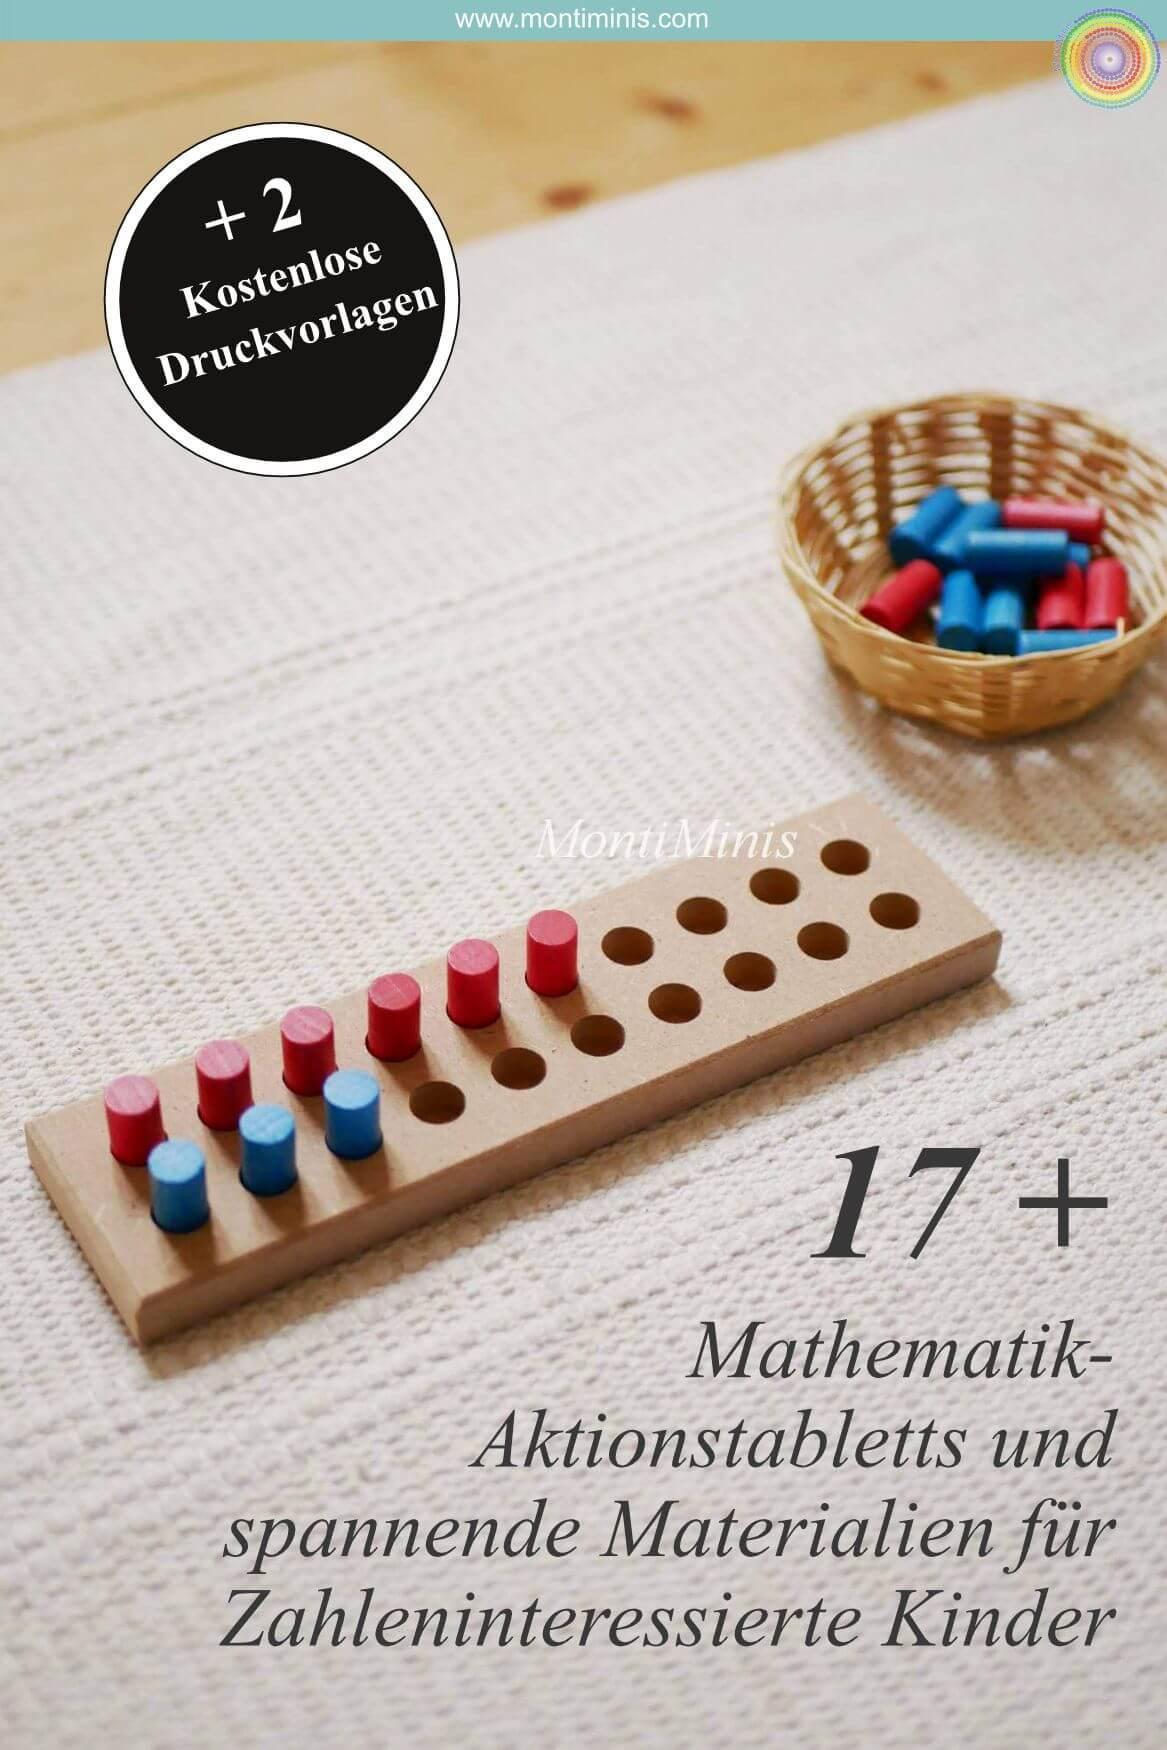 17 + Mathematik Aktionstabletts und spannende Materialien für Zahlenbegeisterte Kinder in Kindergarten, Vorschule und Schule. Plus zwei kostenlose Druckvorlagen zum Herunterladen bei montiminis.com